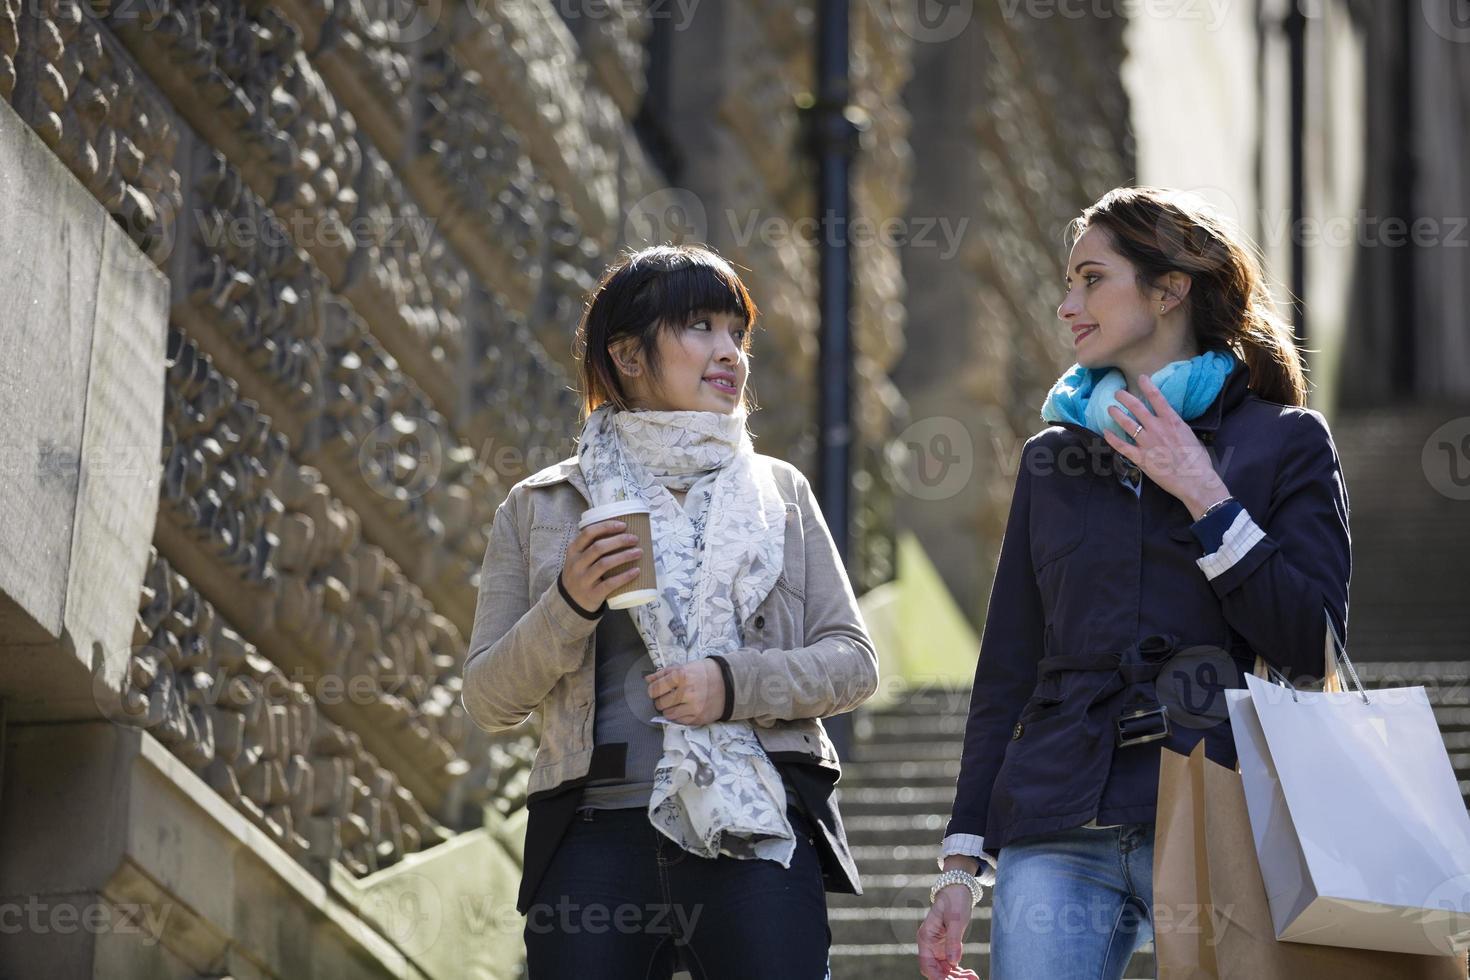 zwei glückliche Frauen, die zusammen einkaufen, Spaß haben und lachen foto